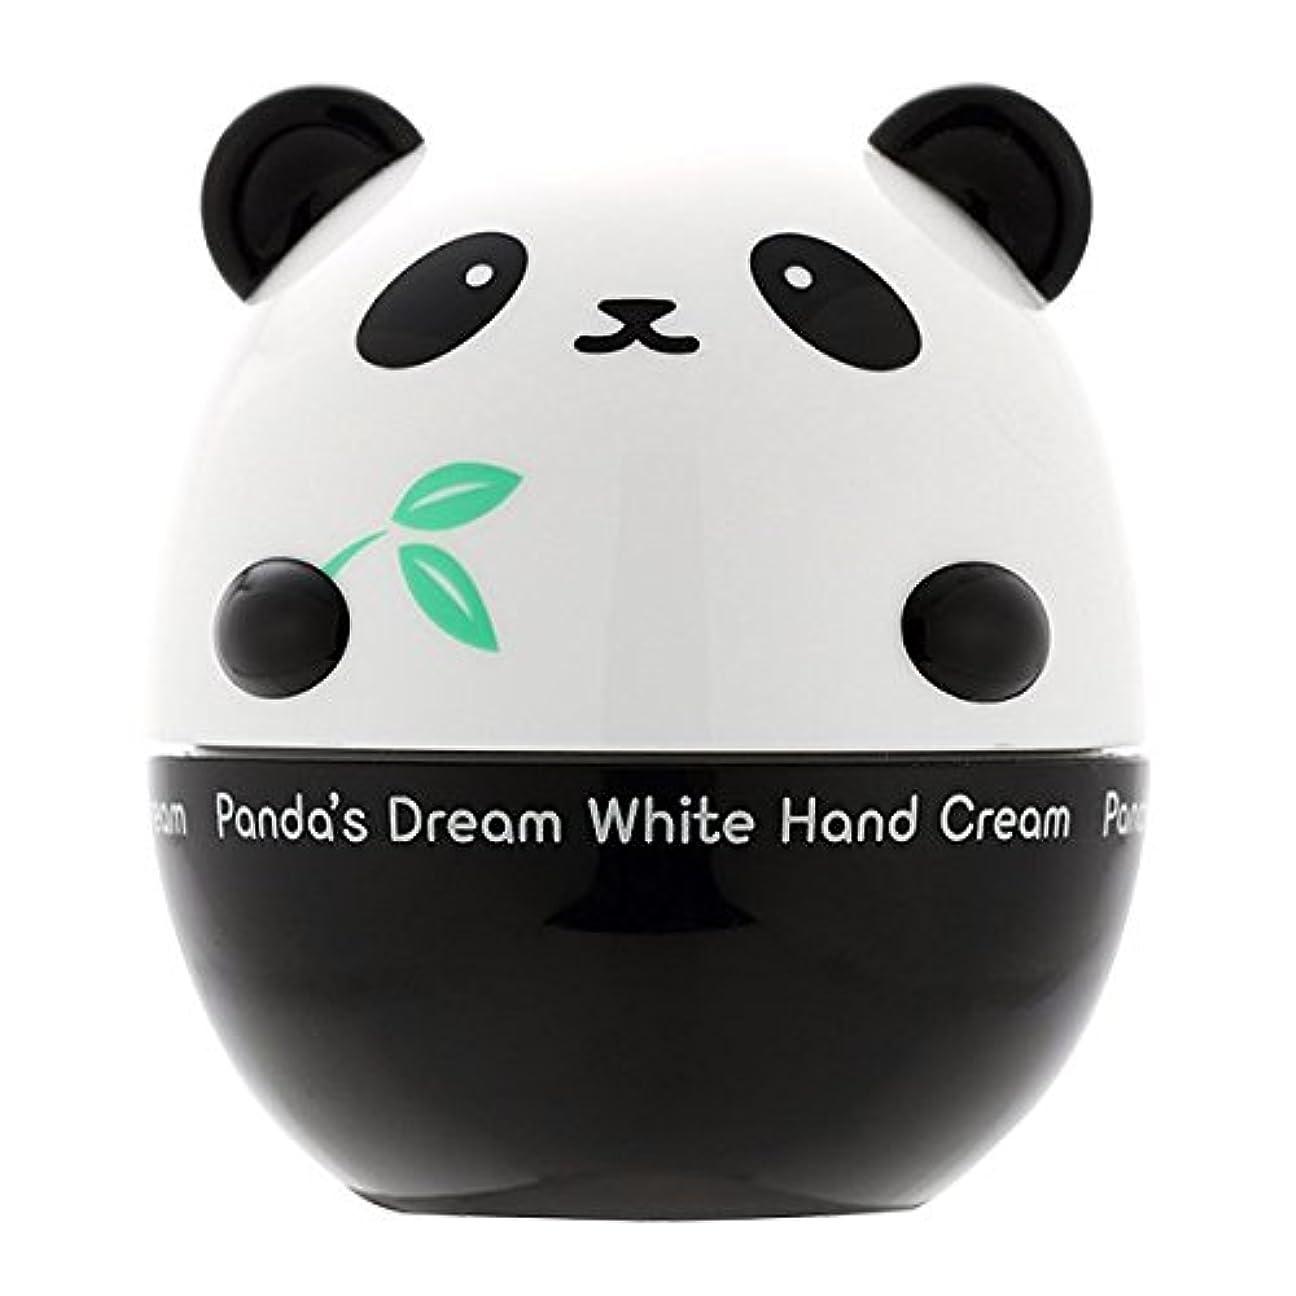 カートリッジオリエンタル候補者TONYMOLY パンダのゆめ ホワイトマジッククリーム 50g Panda's Dream White Magic Cream 照明クリームトニーモリー下地の代わりに美肌クリーム美肌成分含有 【韓国コスメ】トニーモリー